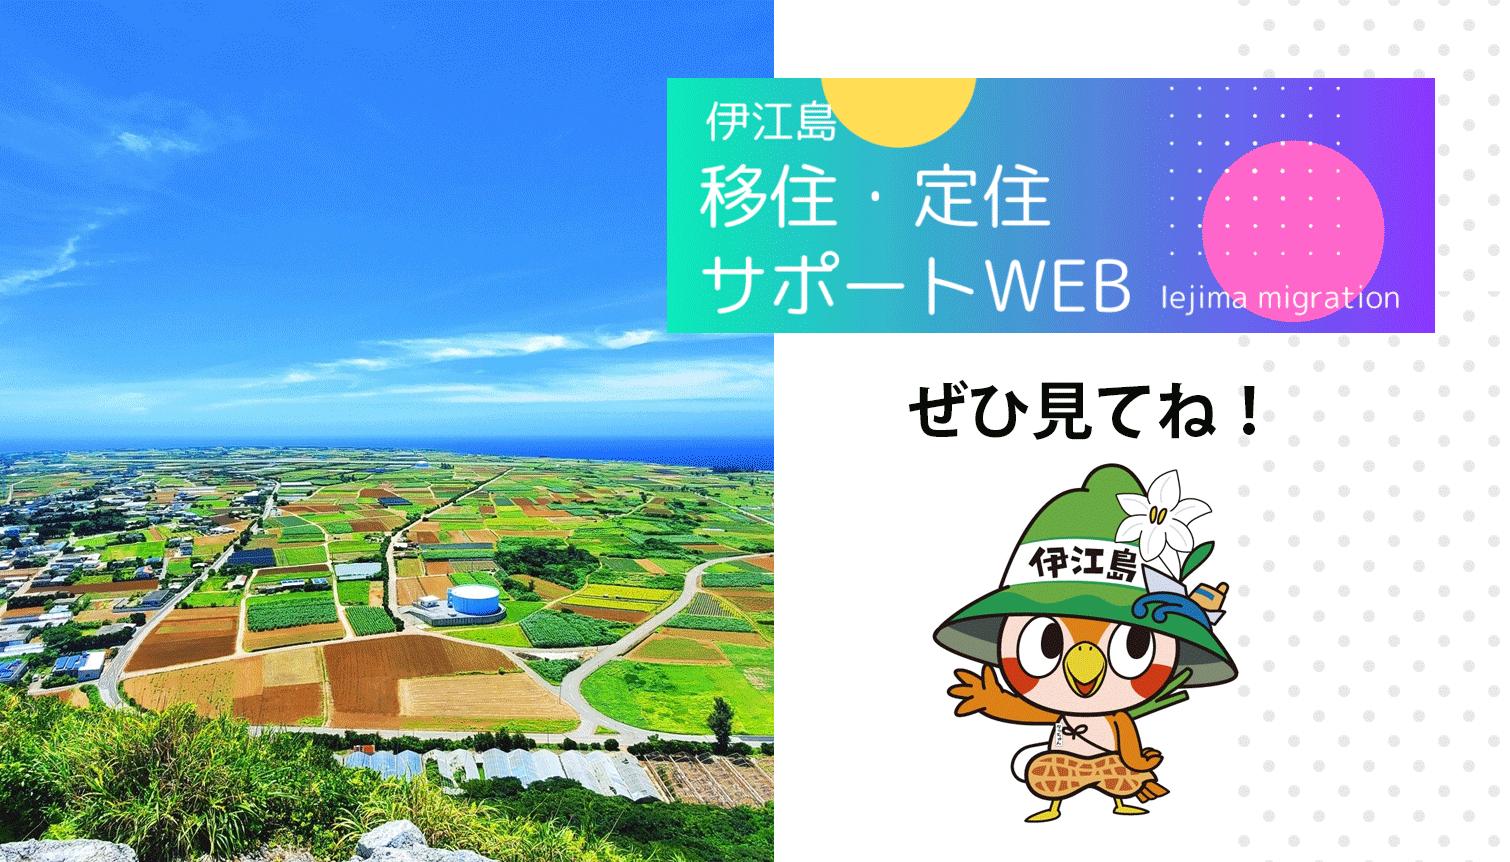 伊江村のホームページで「移住・定住サポートWEB」が公開されました!仕事、住宅、生活環境など、移住情報が集約。Q&Aでは「島にハブはいるの?」にも答えています